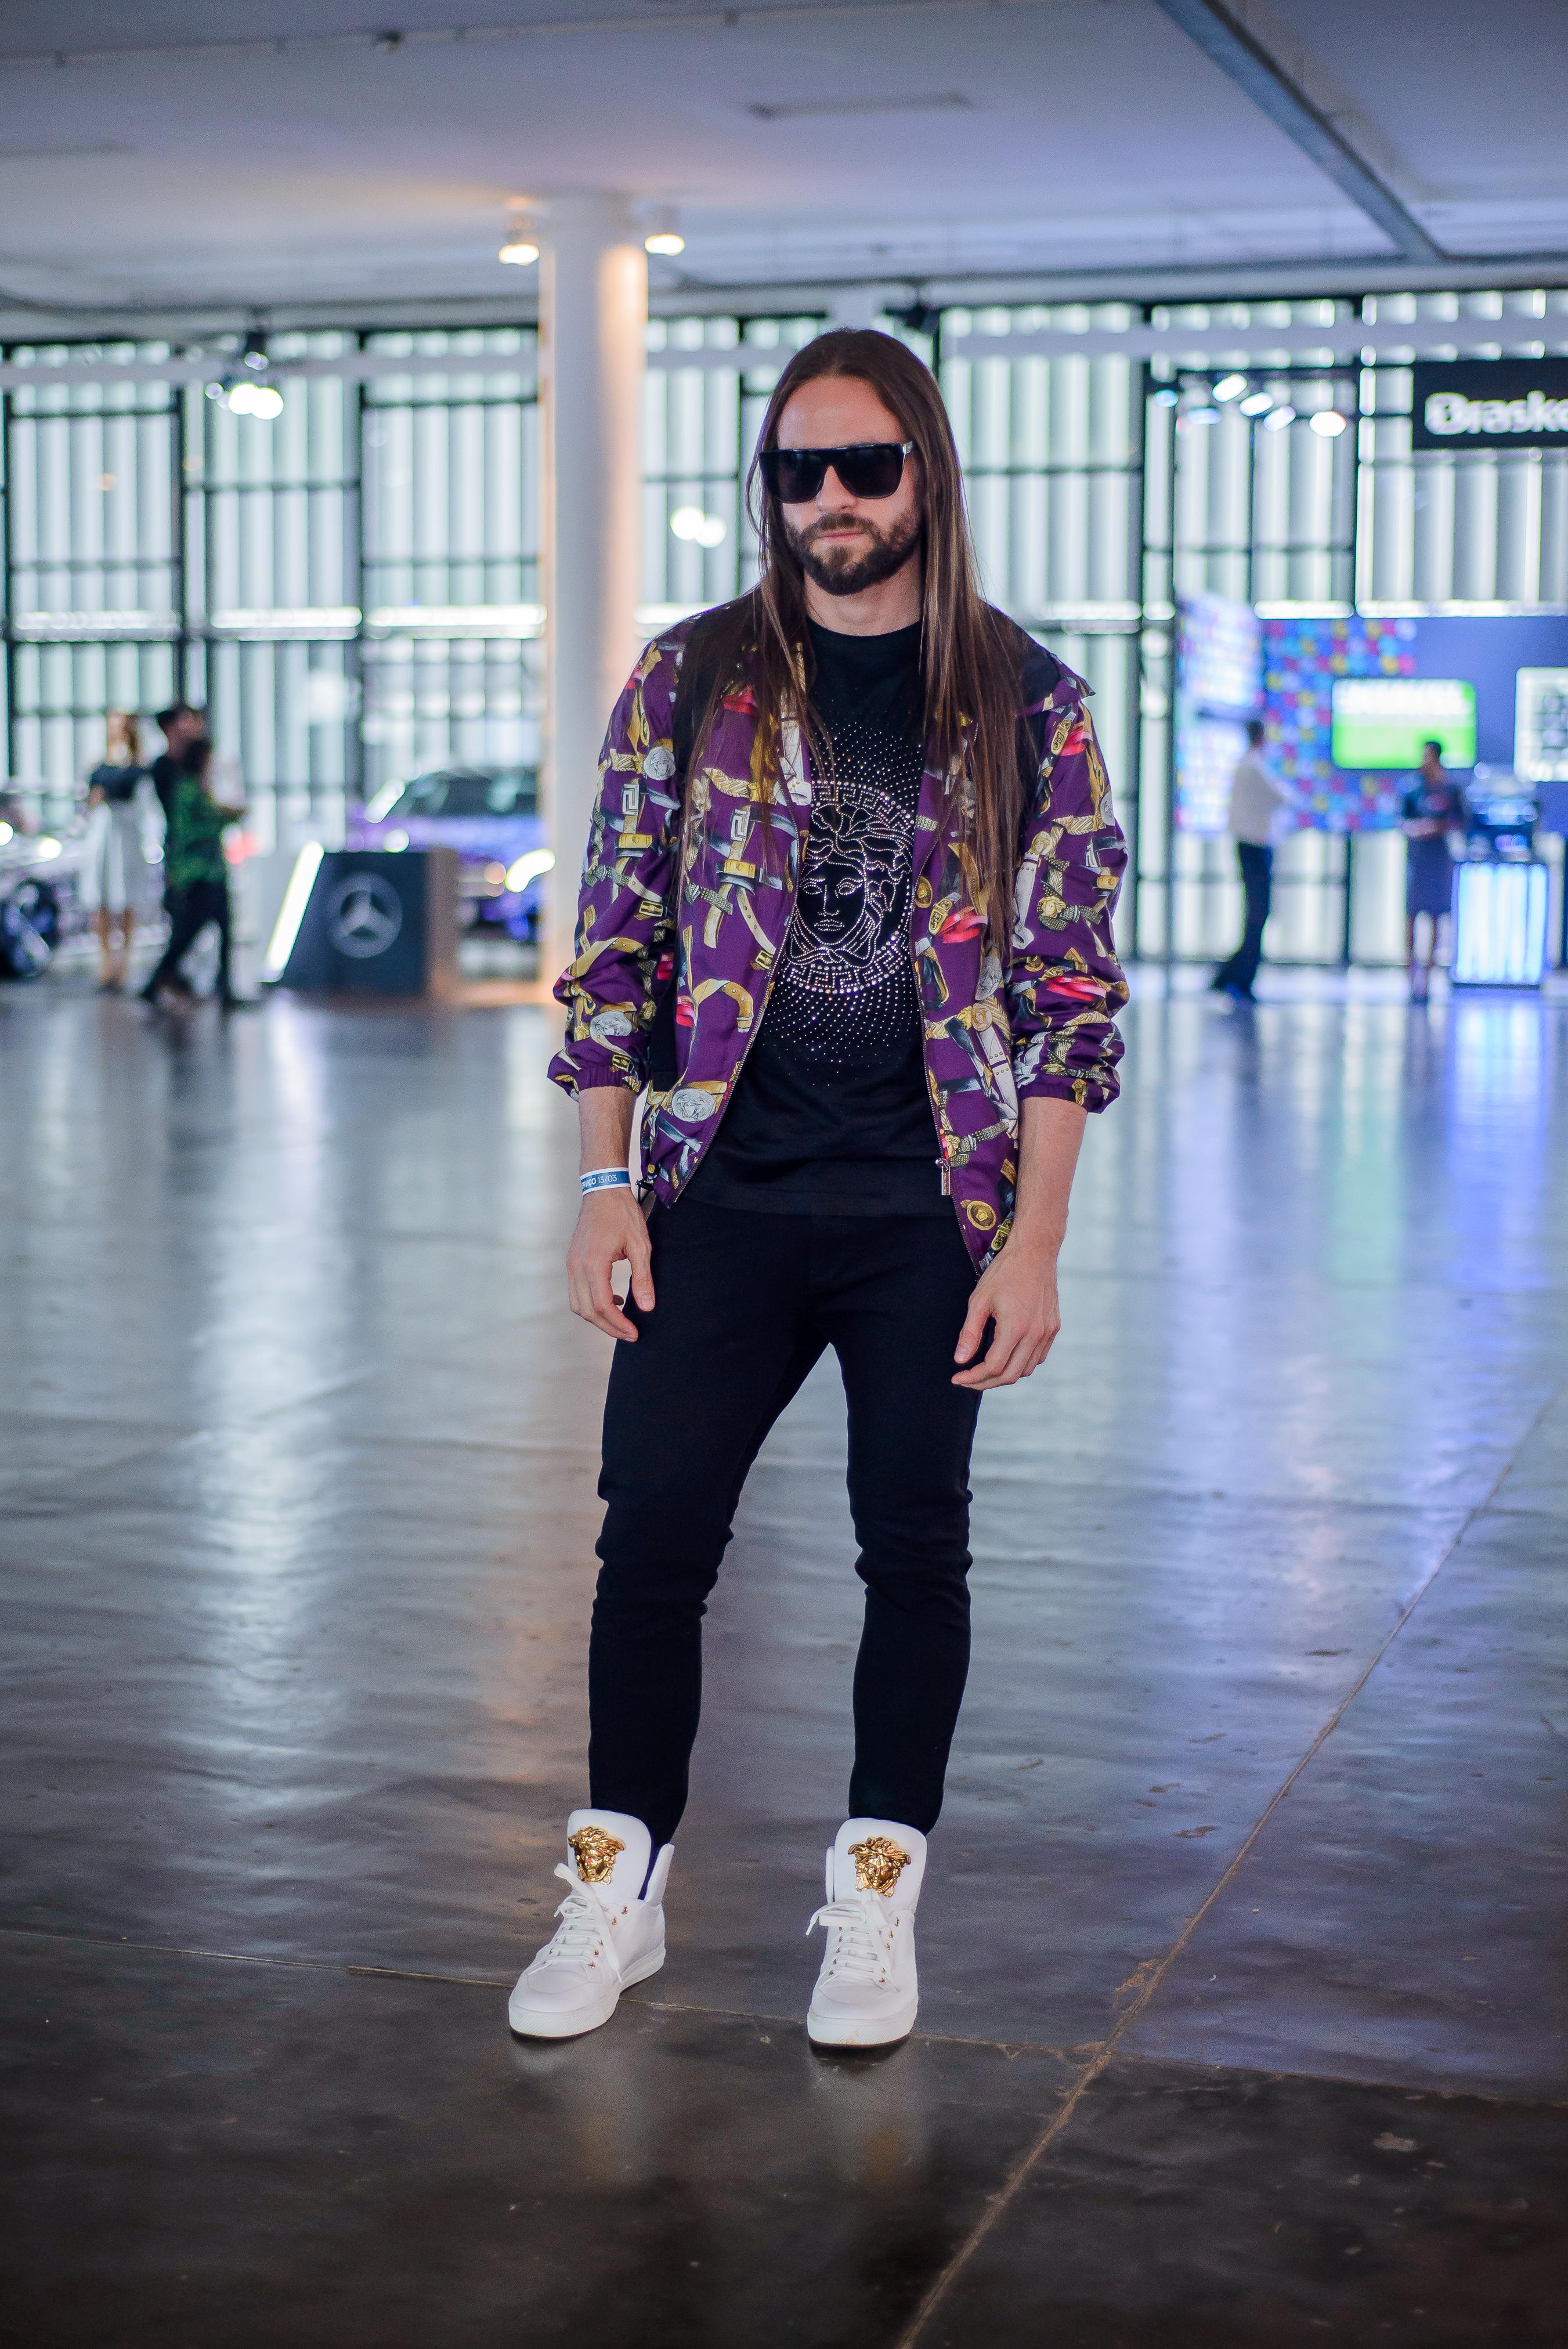 spfwn43-street-style-moda-masculina-estilo-masculino-style-fashion-moda-2017-moda-sem-censura-beleza-blog-de-moda-men-man-boy-estilo (5)